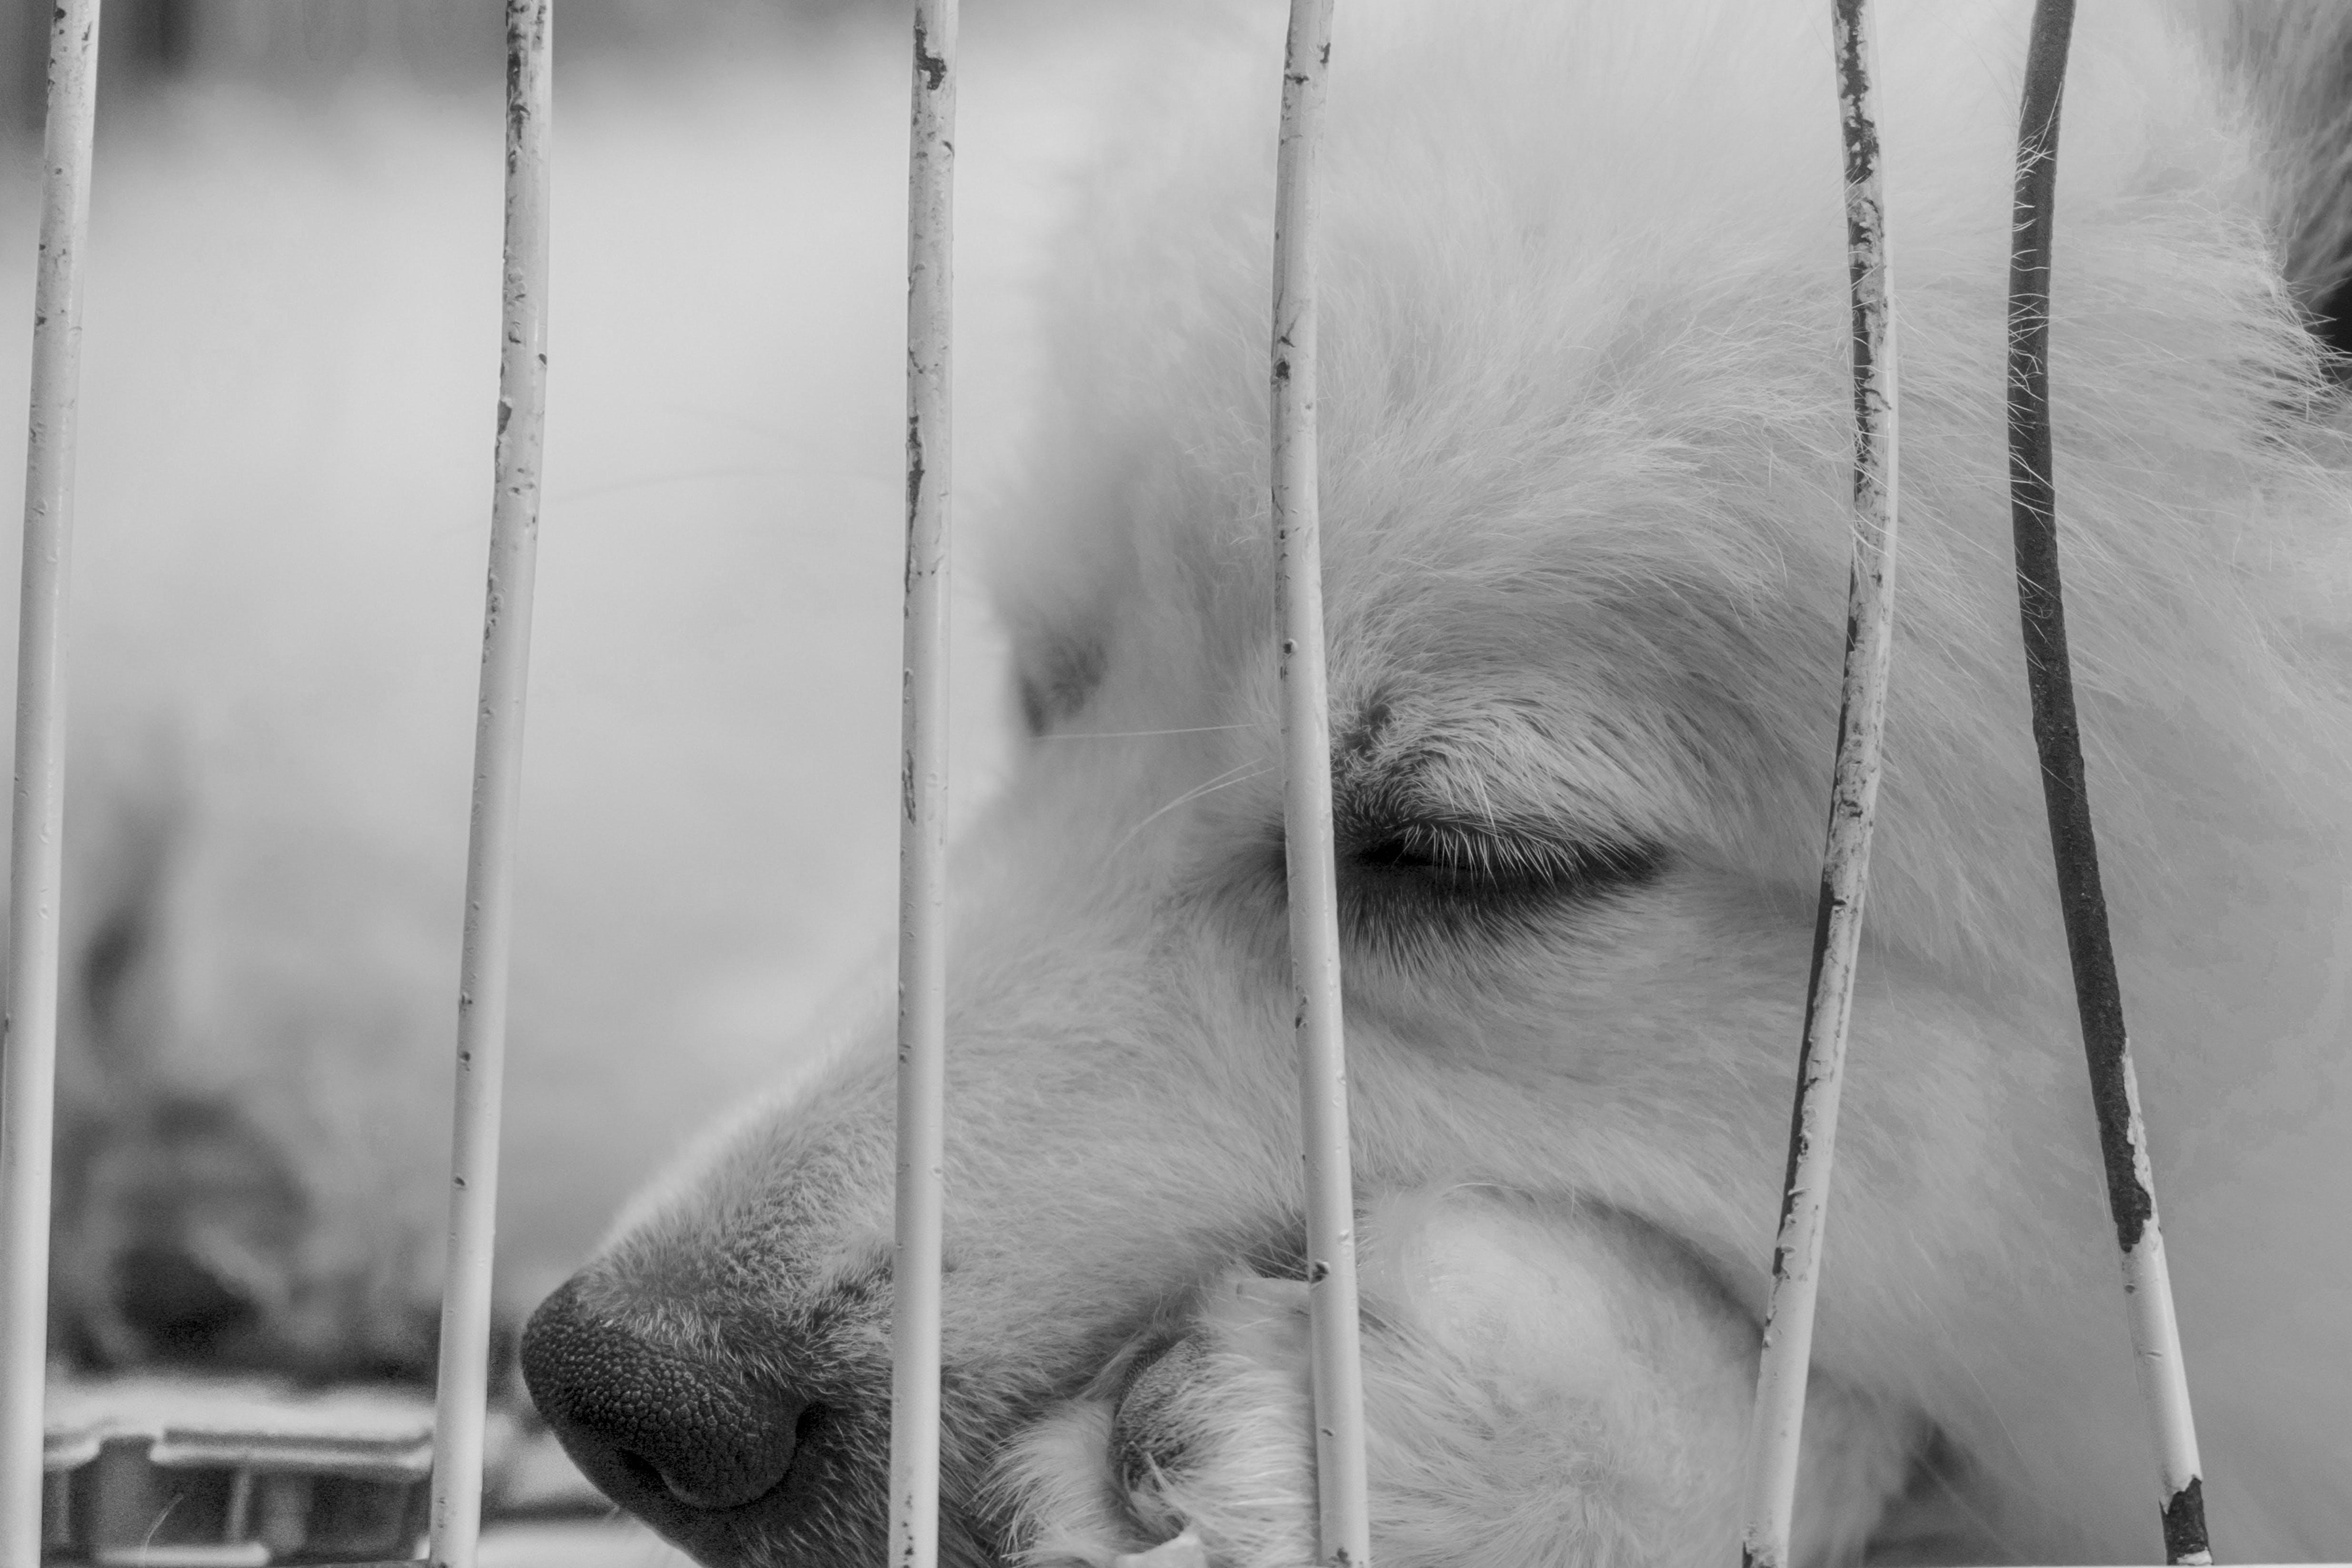 Kostenloses Stock Foto zu hund, nahansicht, schlaf, schwarz und weiß